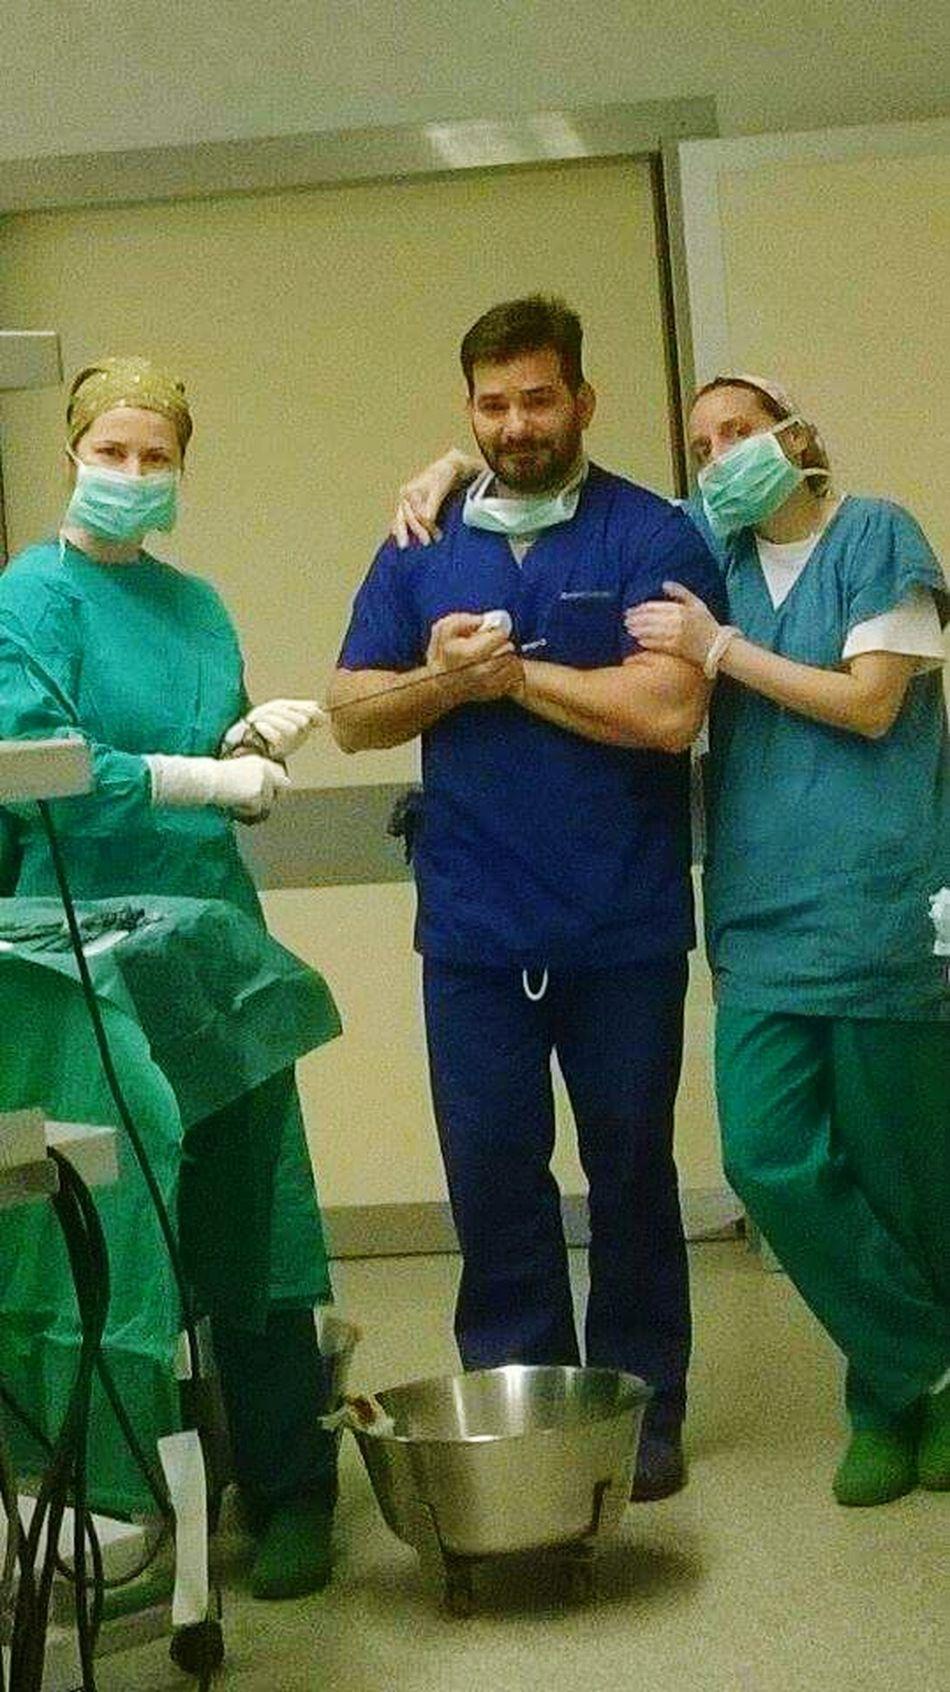 Nurselife Nurses I Am A Nurse My Job Is NURSE Hospital Hospitalife Surgery Surgeryroom